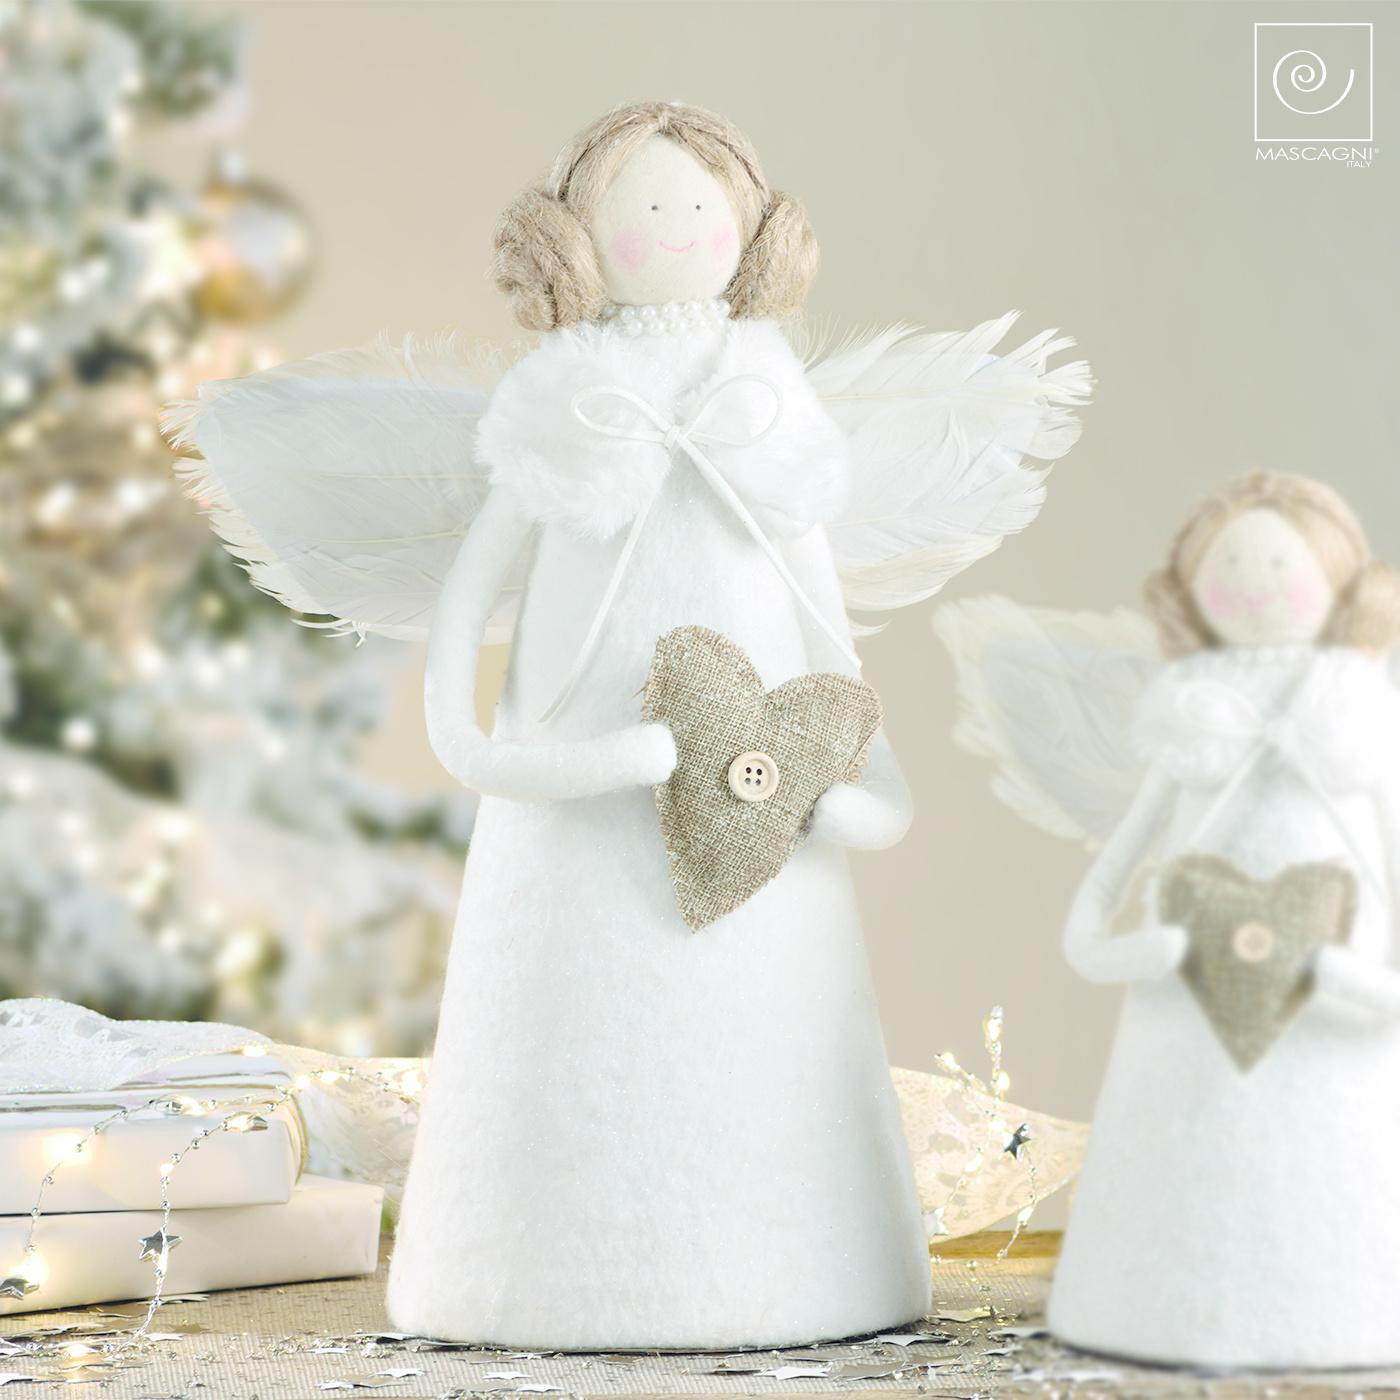 Art Mascagni ANGEL CM.37